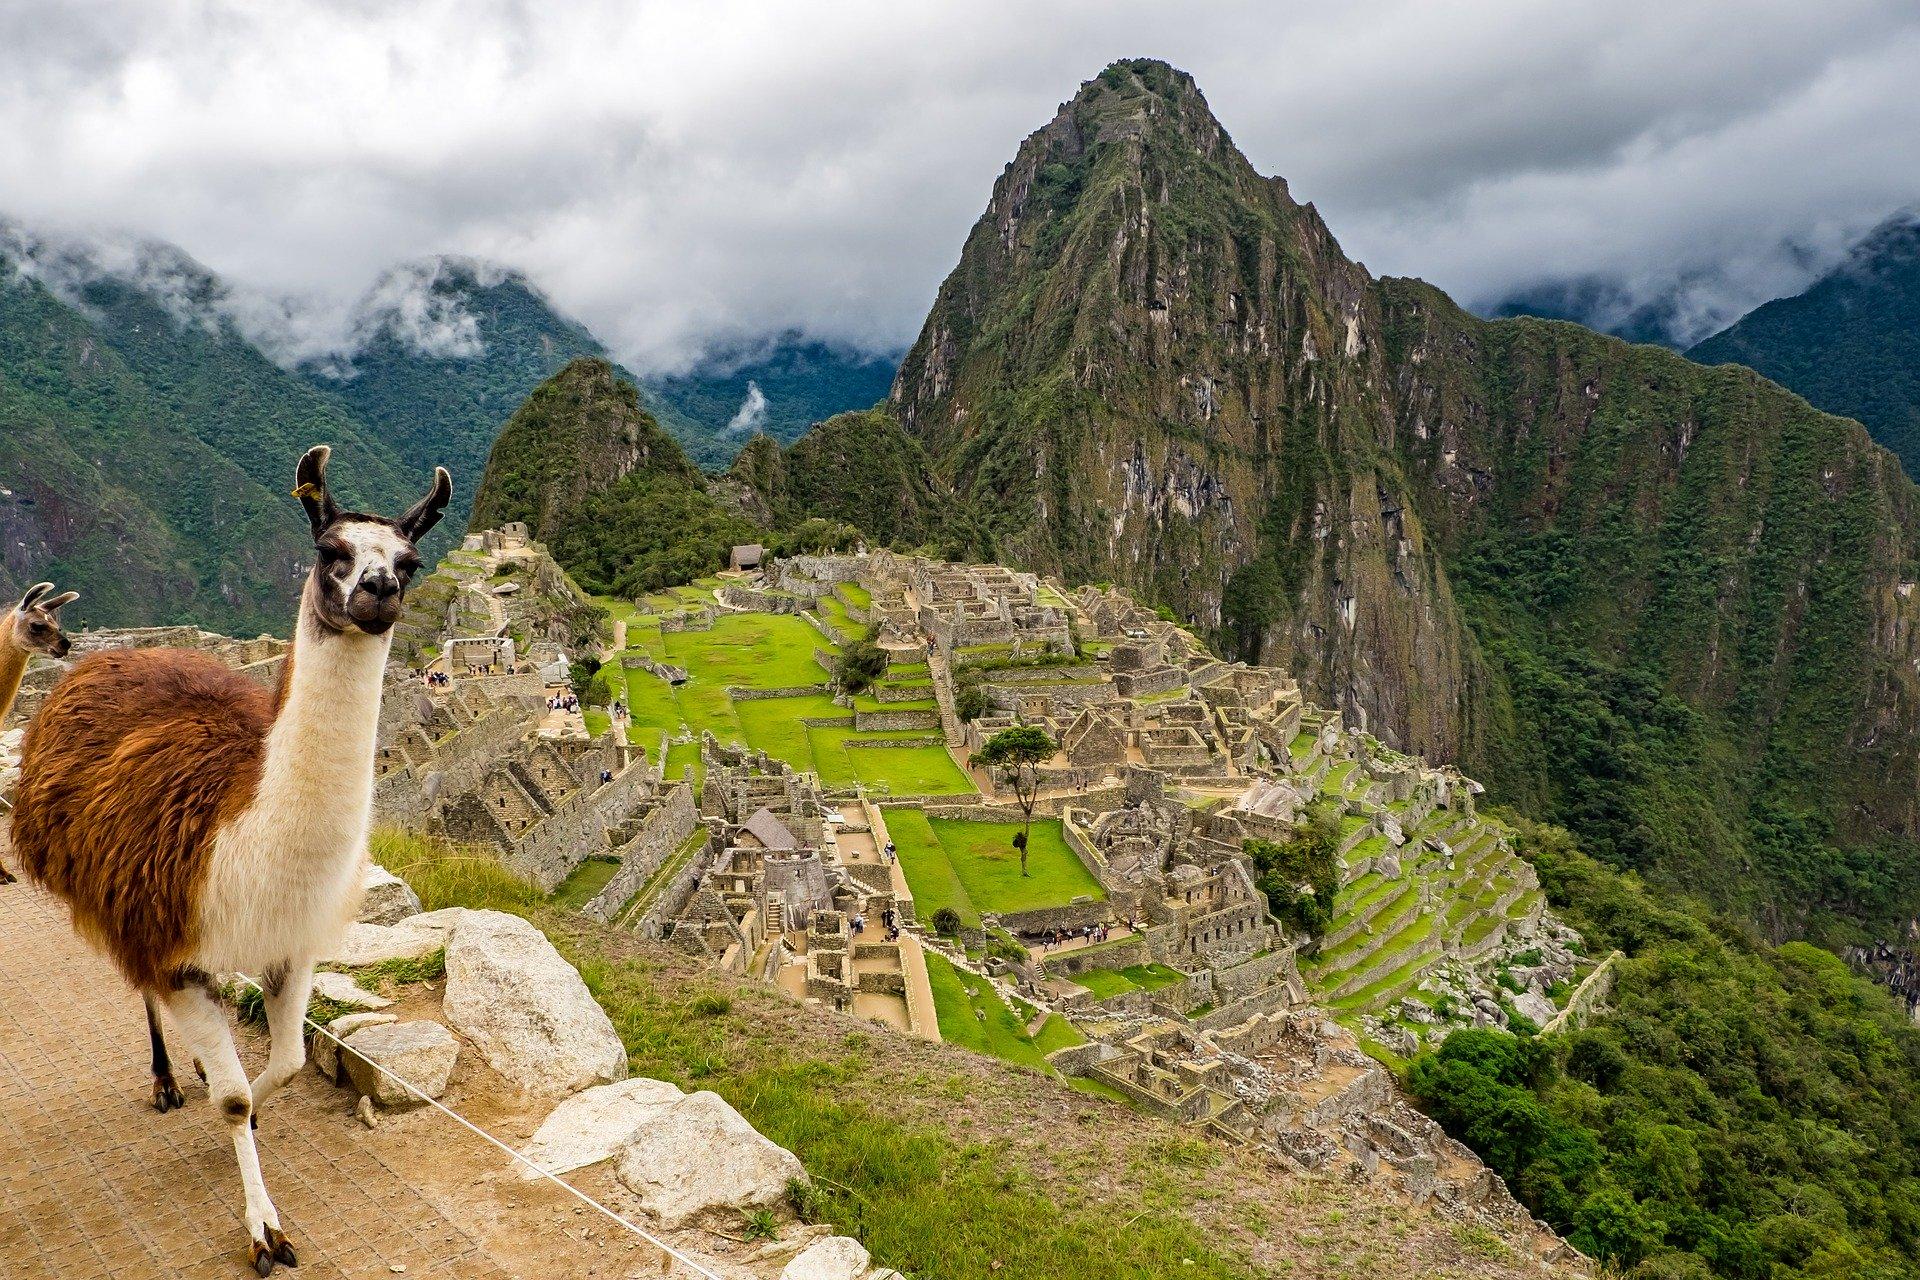 Foto de llama en Machu Picchu, Perú